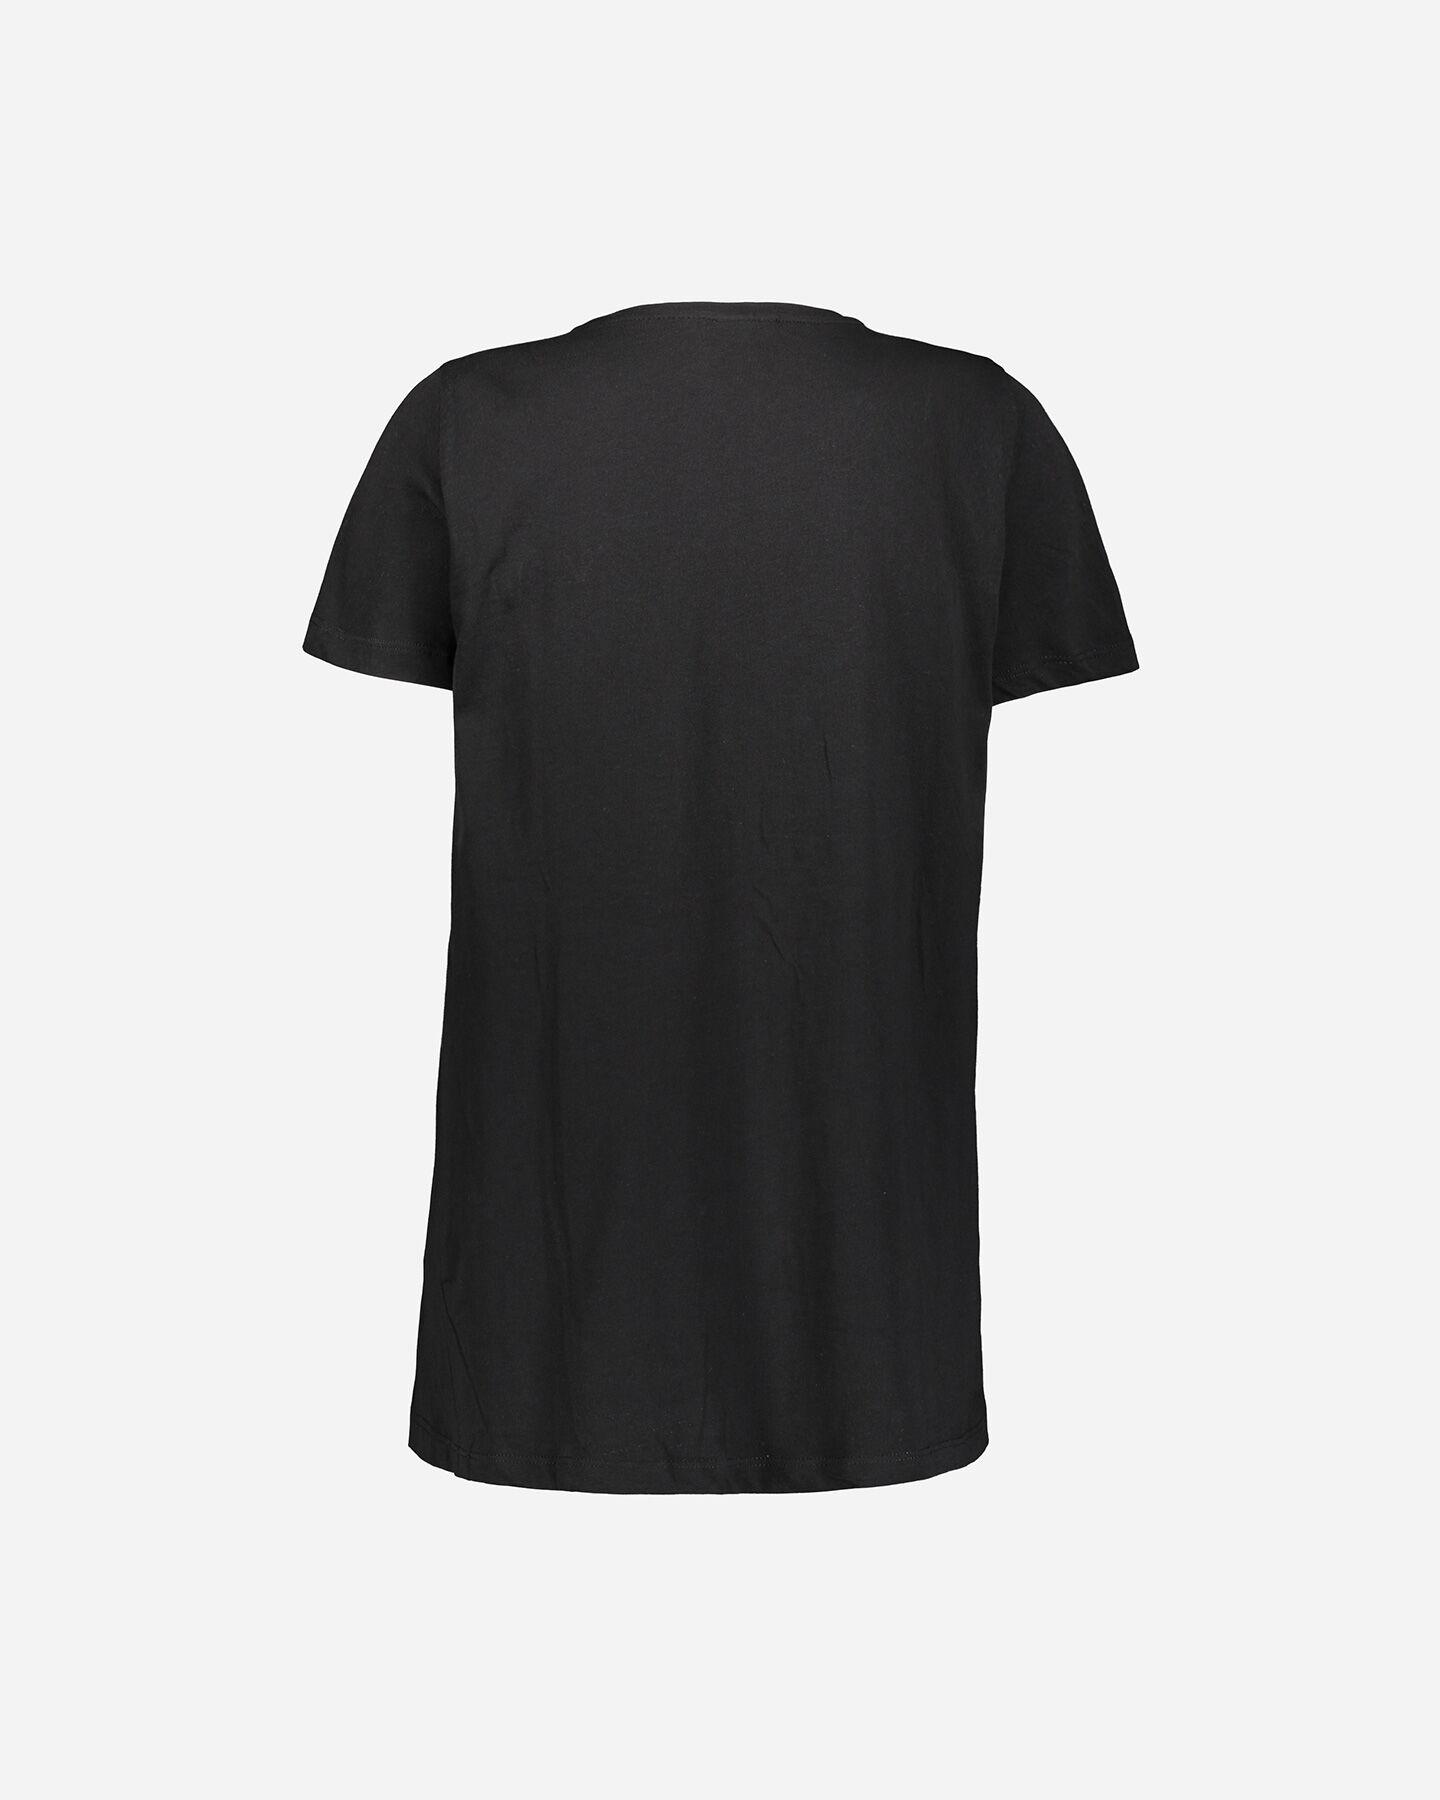 T-Shirt FREDDY BIG LOGO SILVER W S5183717 scatto 1